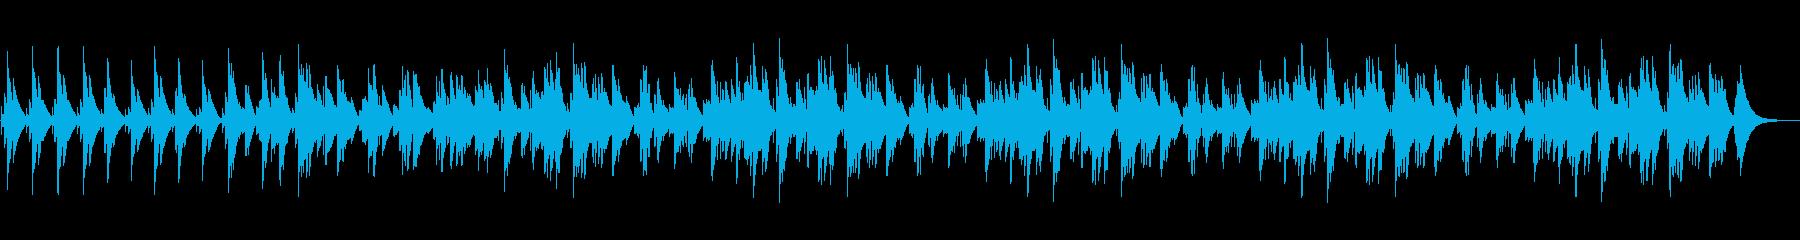 眠くなるオルゴールのBGM(約5分)の再生済みの波形